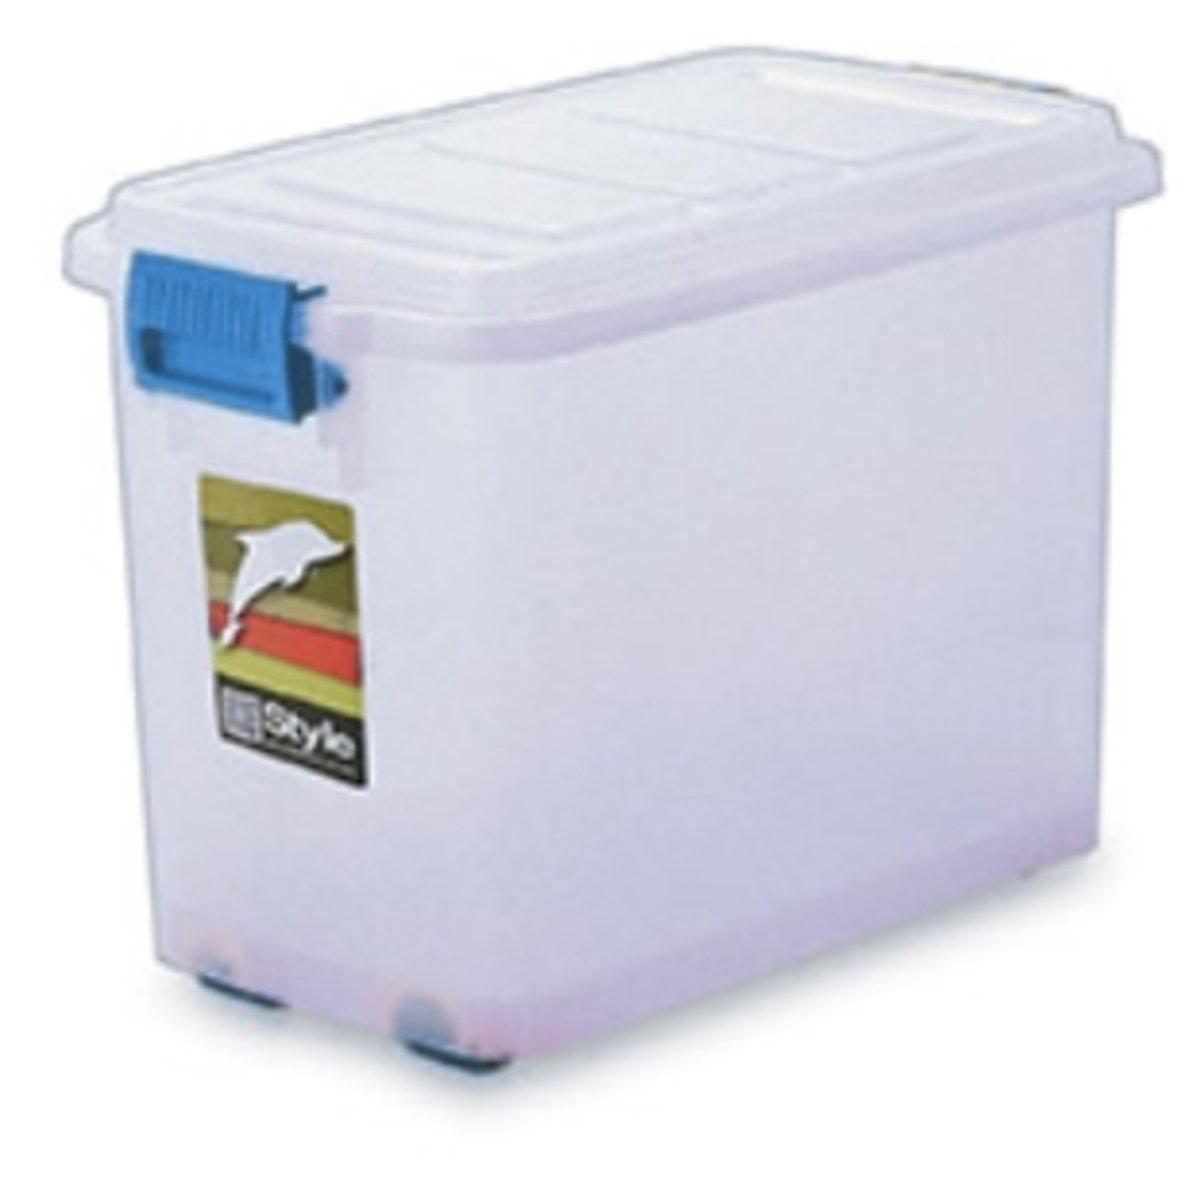 滑輪儲物箱連蓋